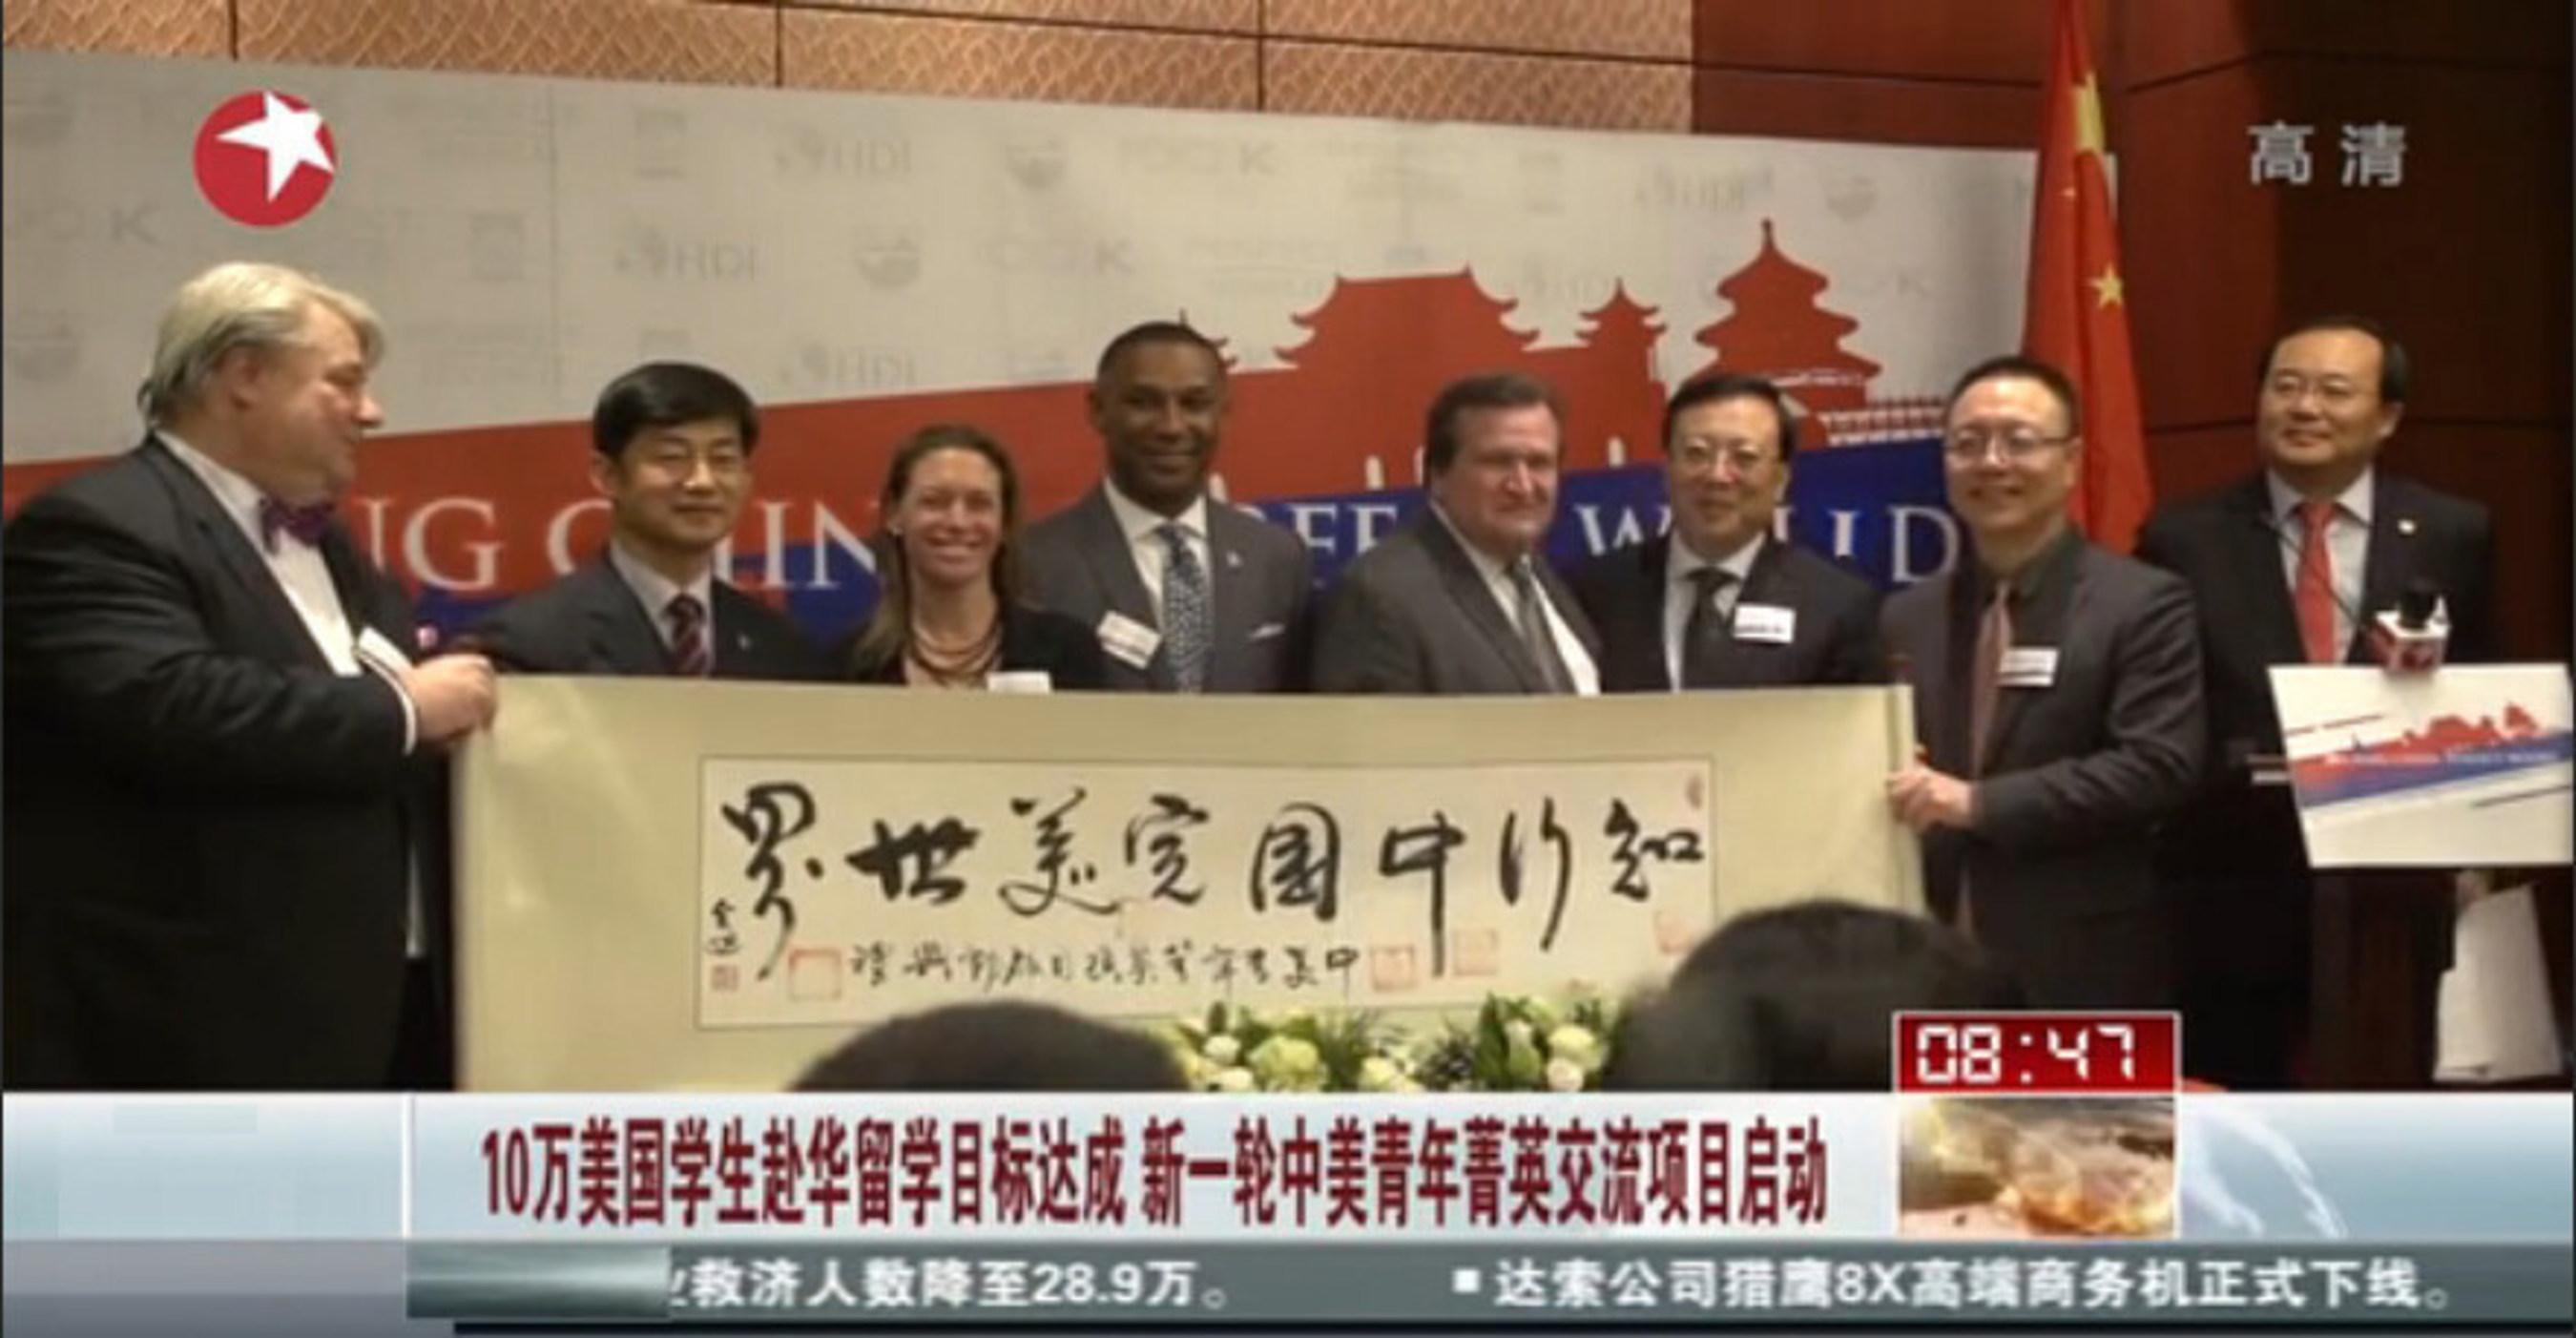 Китайско-американский молодежный проект Perfect World «Access China» активно освещается СМИ КНР